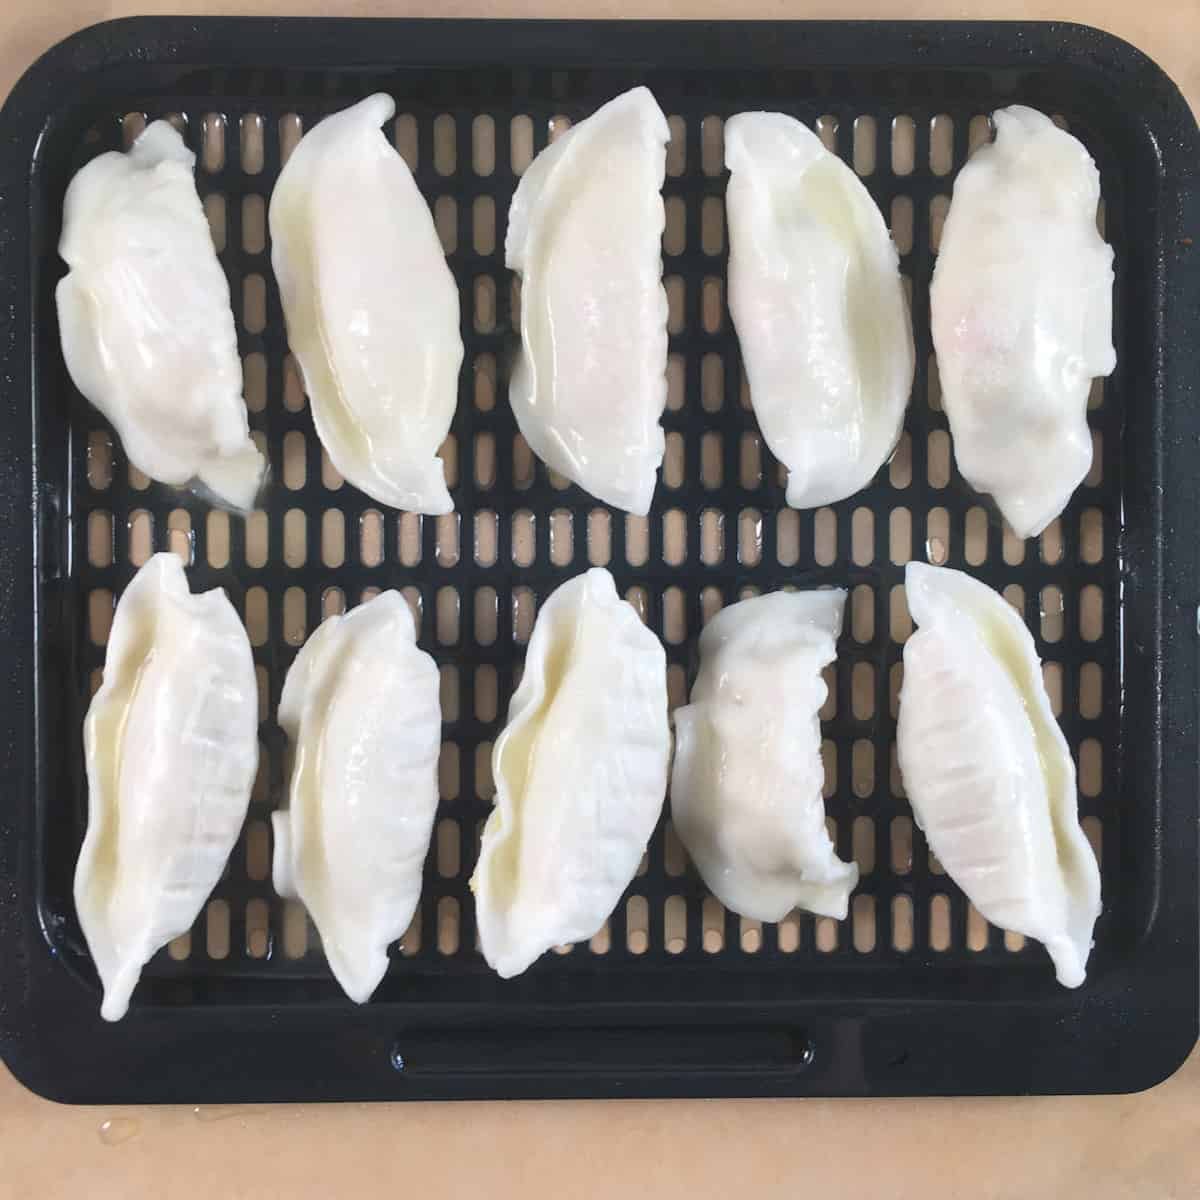 dumplings in air fryer